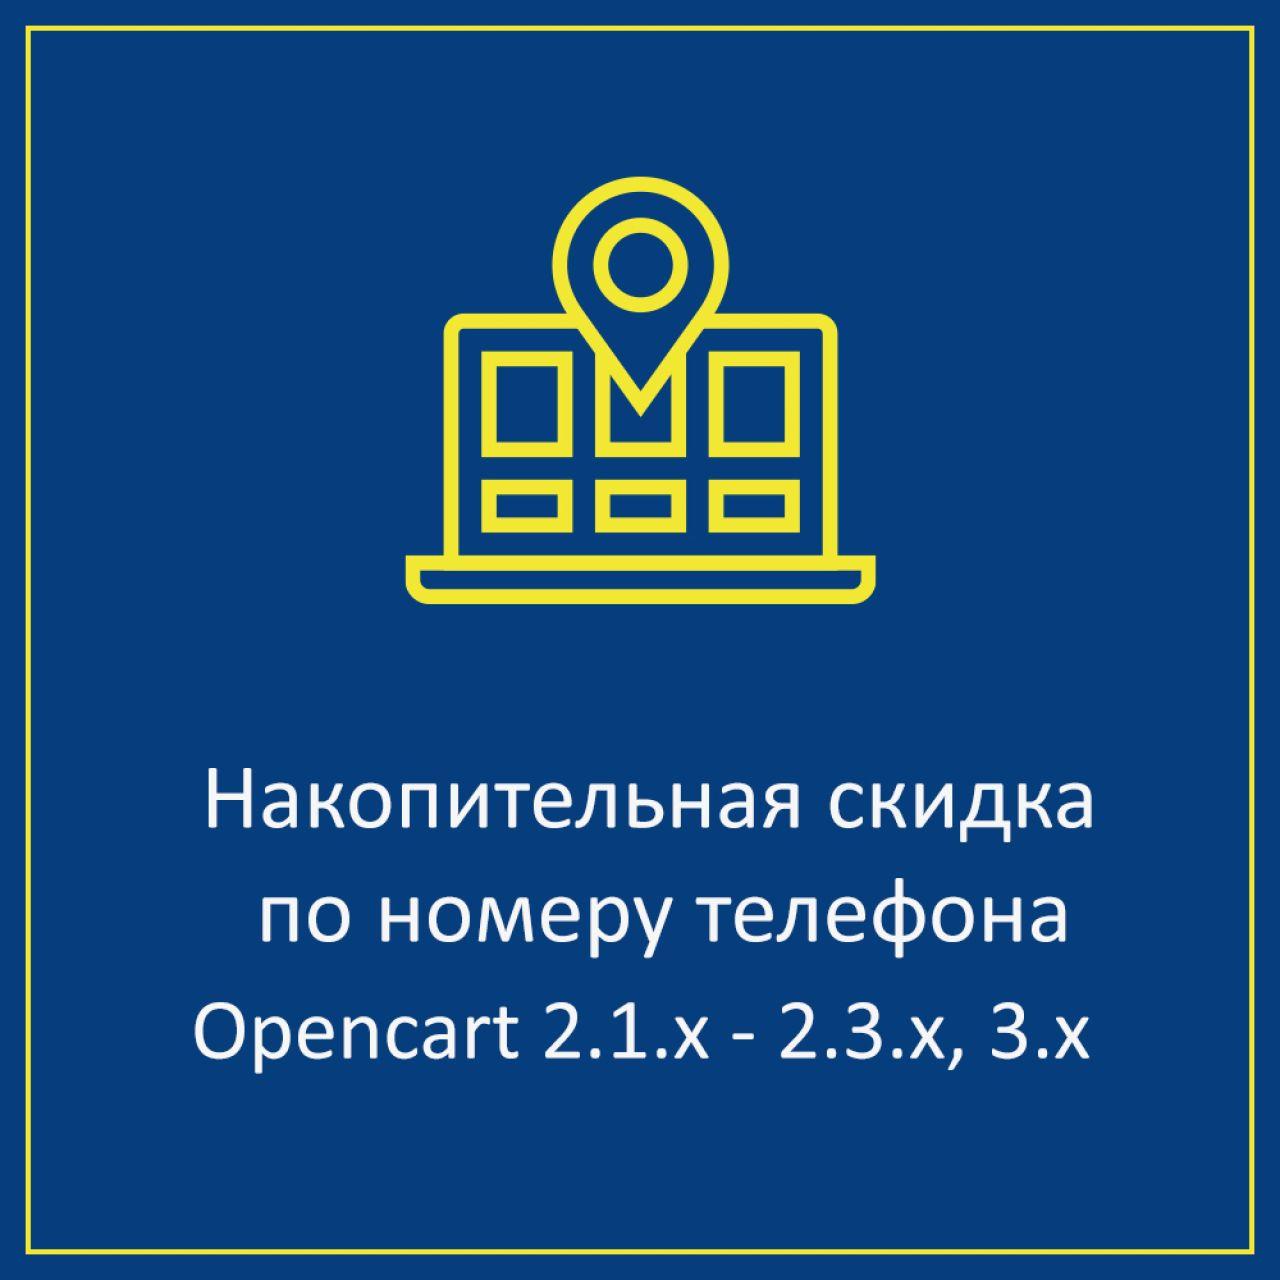 Накопительная скидка по номеру телефона Opencart 2.x, 3.x из категории Цены, скидки, акции, подарки для CMS OpenCart (ОпенКарт)